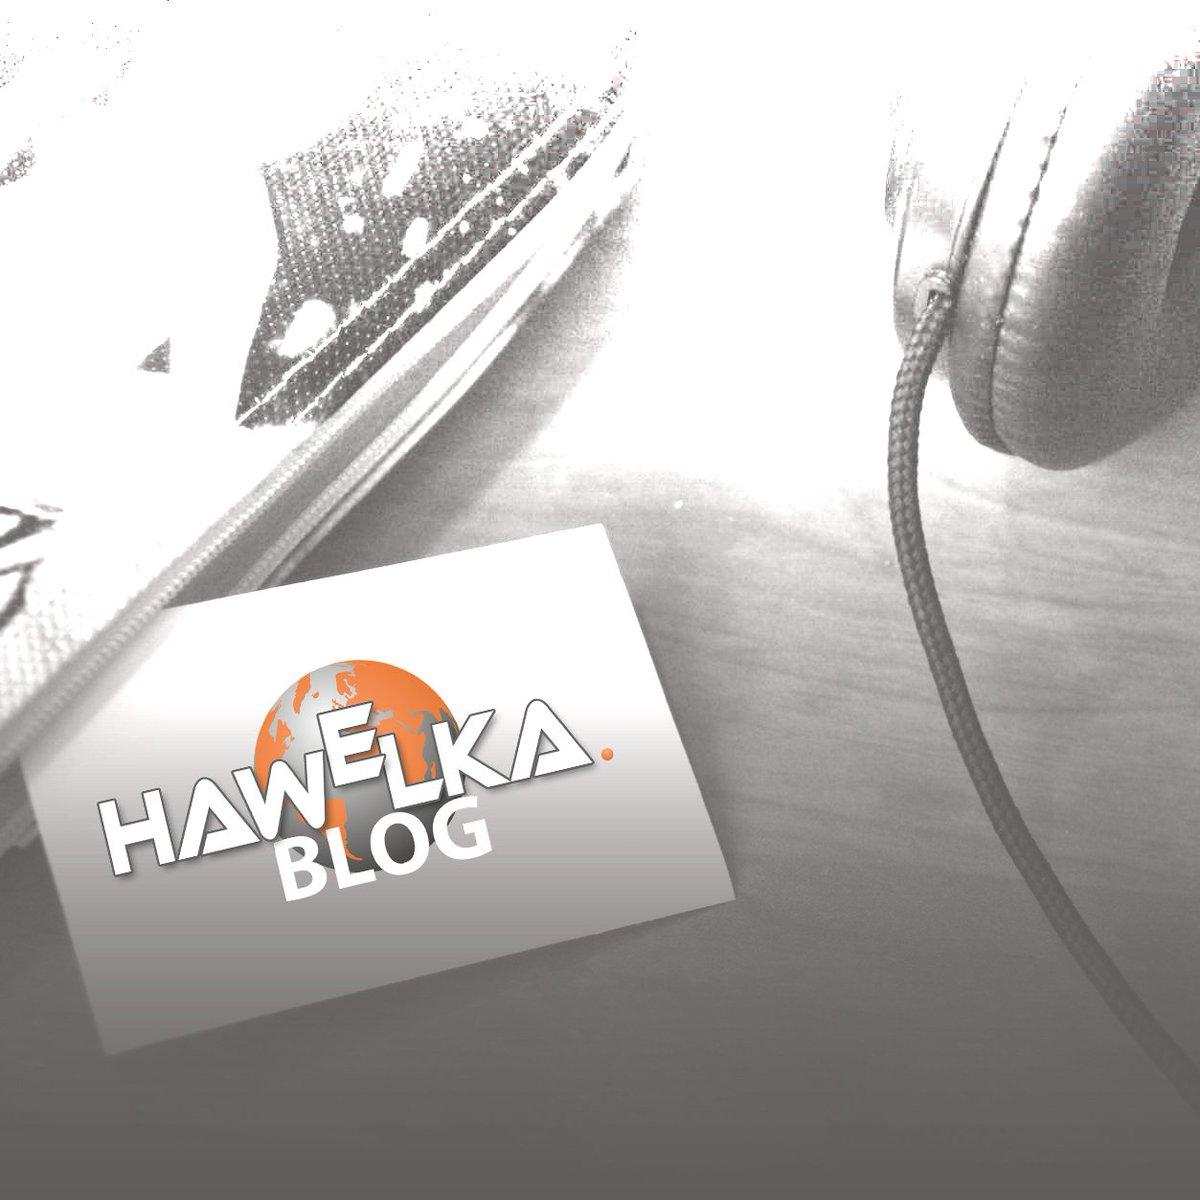 Welcome to our German Music Blog! Falls ihr interessantes Material ueber Euch habt, Newcomers seid oder eine neue Single releasen wollt, schreibt uns doch eine email. Die Kontaktdaten findet ihr auf der Webseite unter dem Blog #GermanMusicBlog #GermanBlog #DeutscherMusikBlogpic.twitter.com/UDEpLDAomM